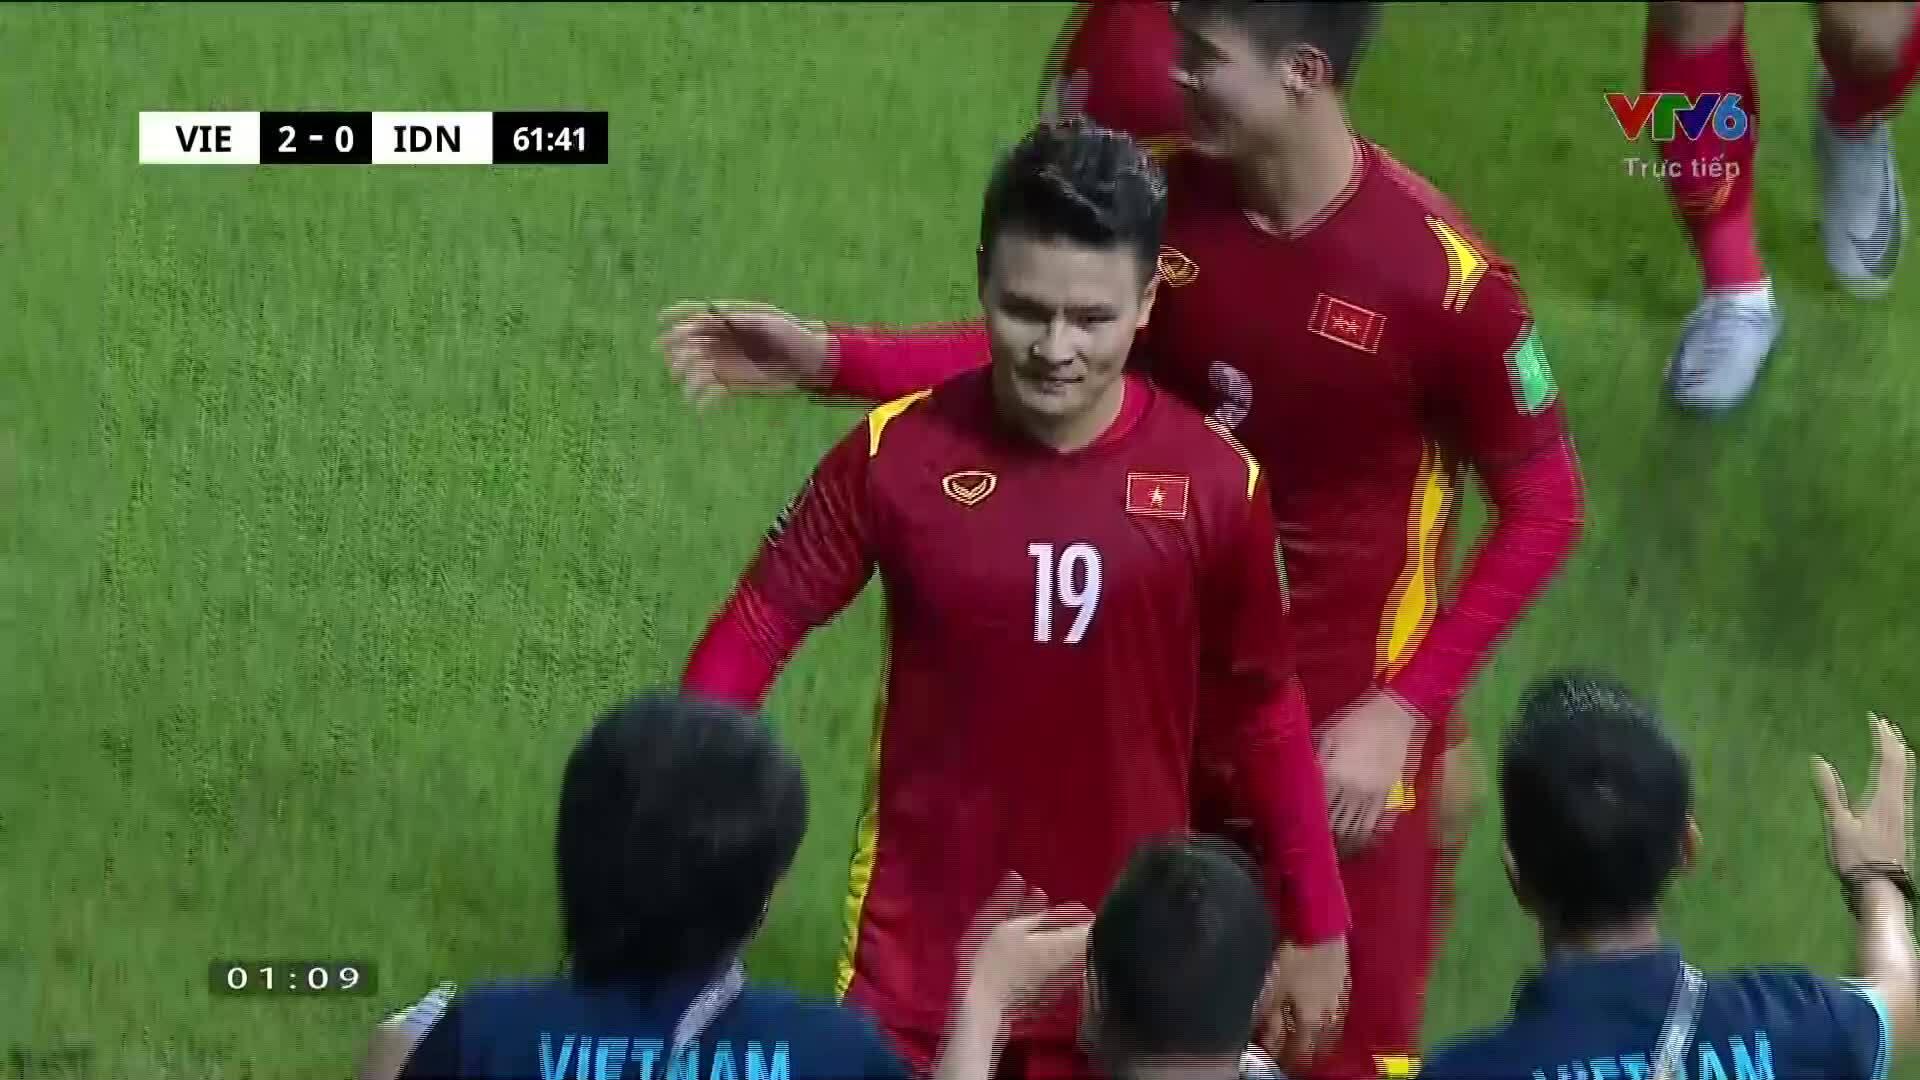 Bốn bàn thắng của tuyển Việt Nam vào lưới Indonesia